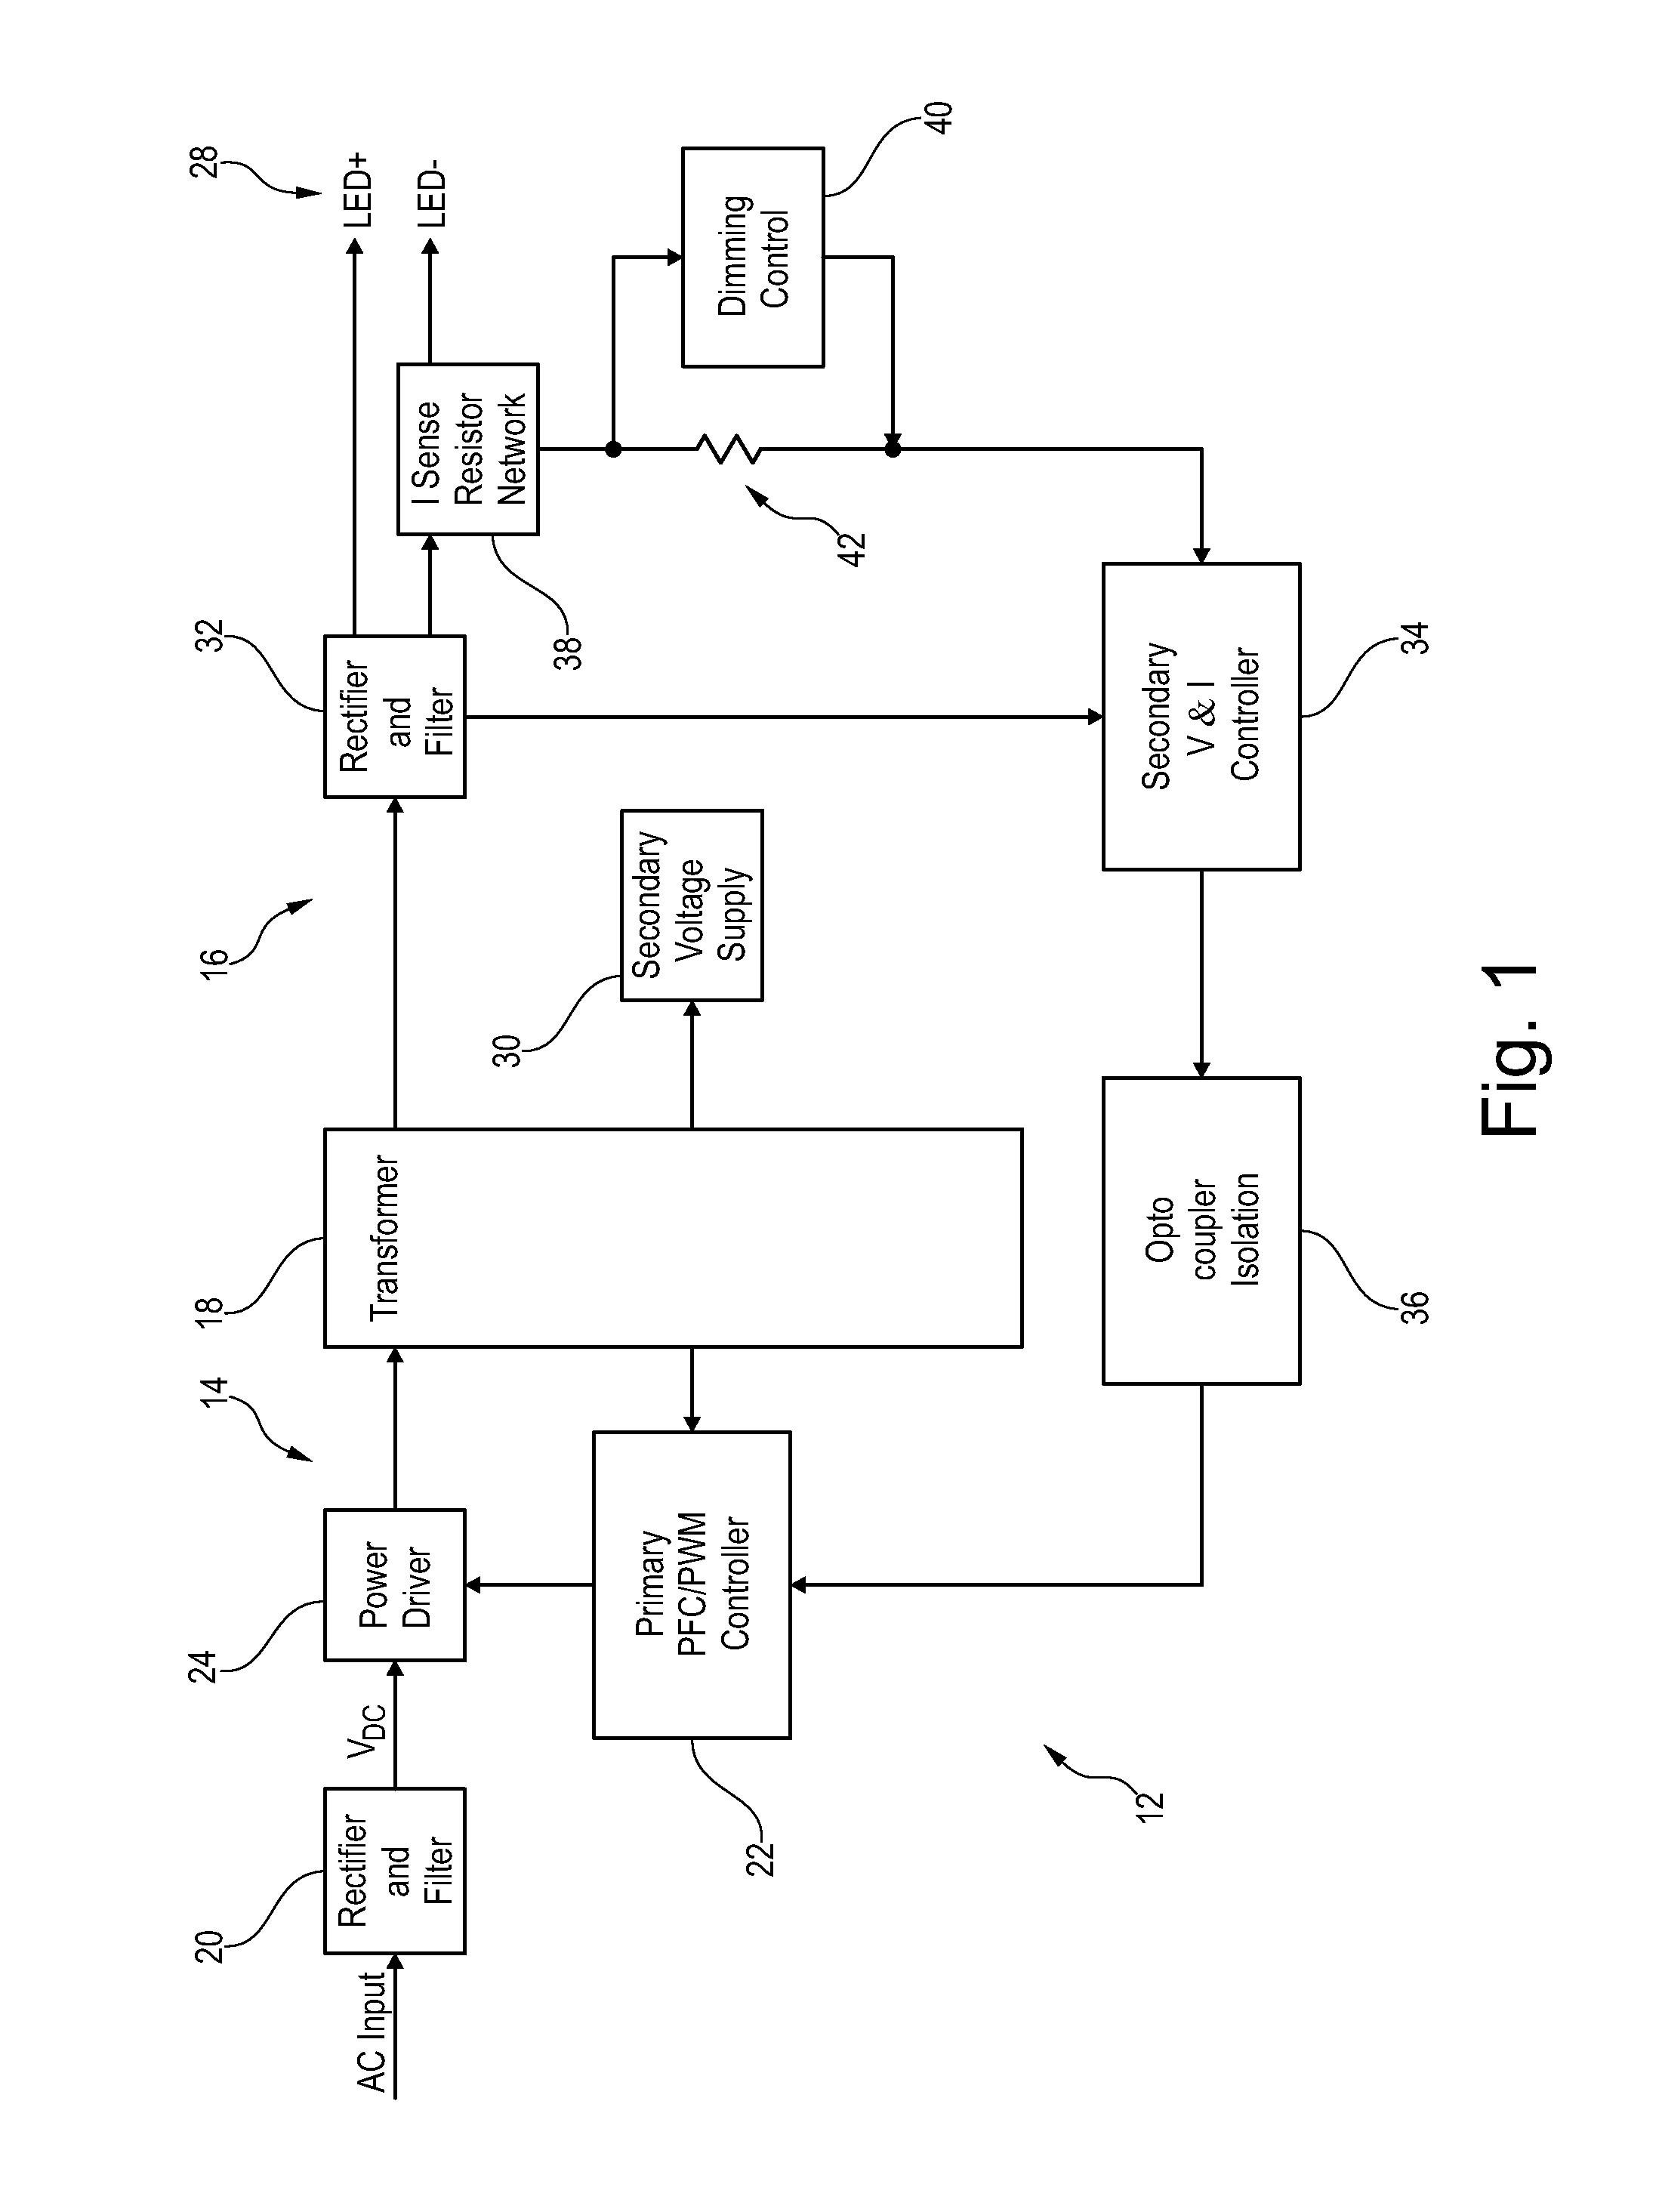 patent us20140125252